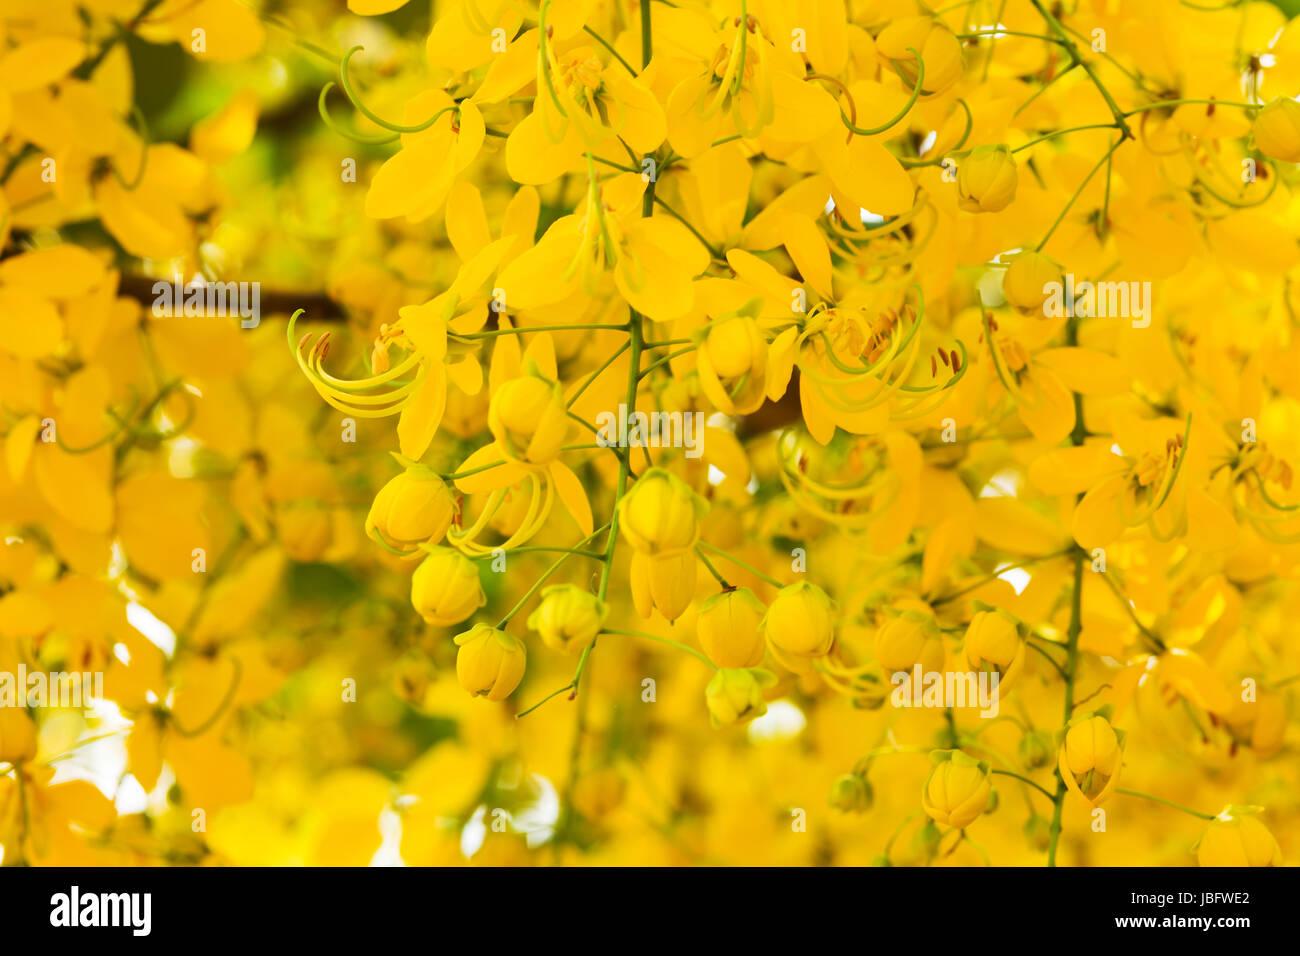 indischer goldregen nahaufnahme der cassia fistula mit gelben blumen stock photo 144793434 alamy